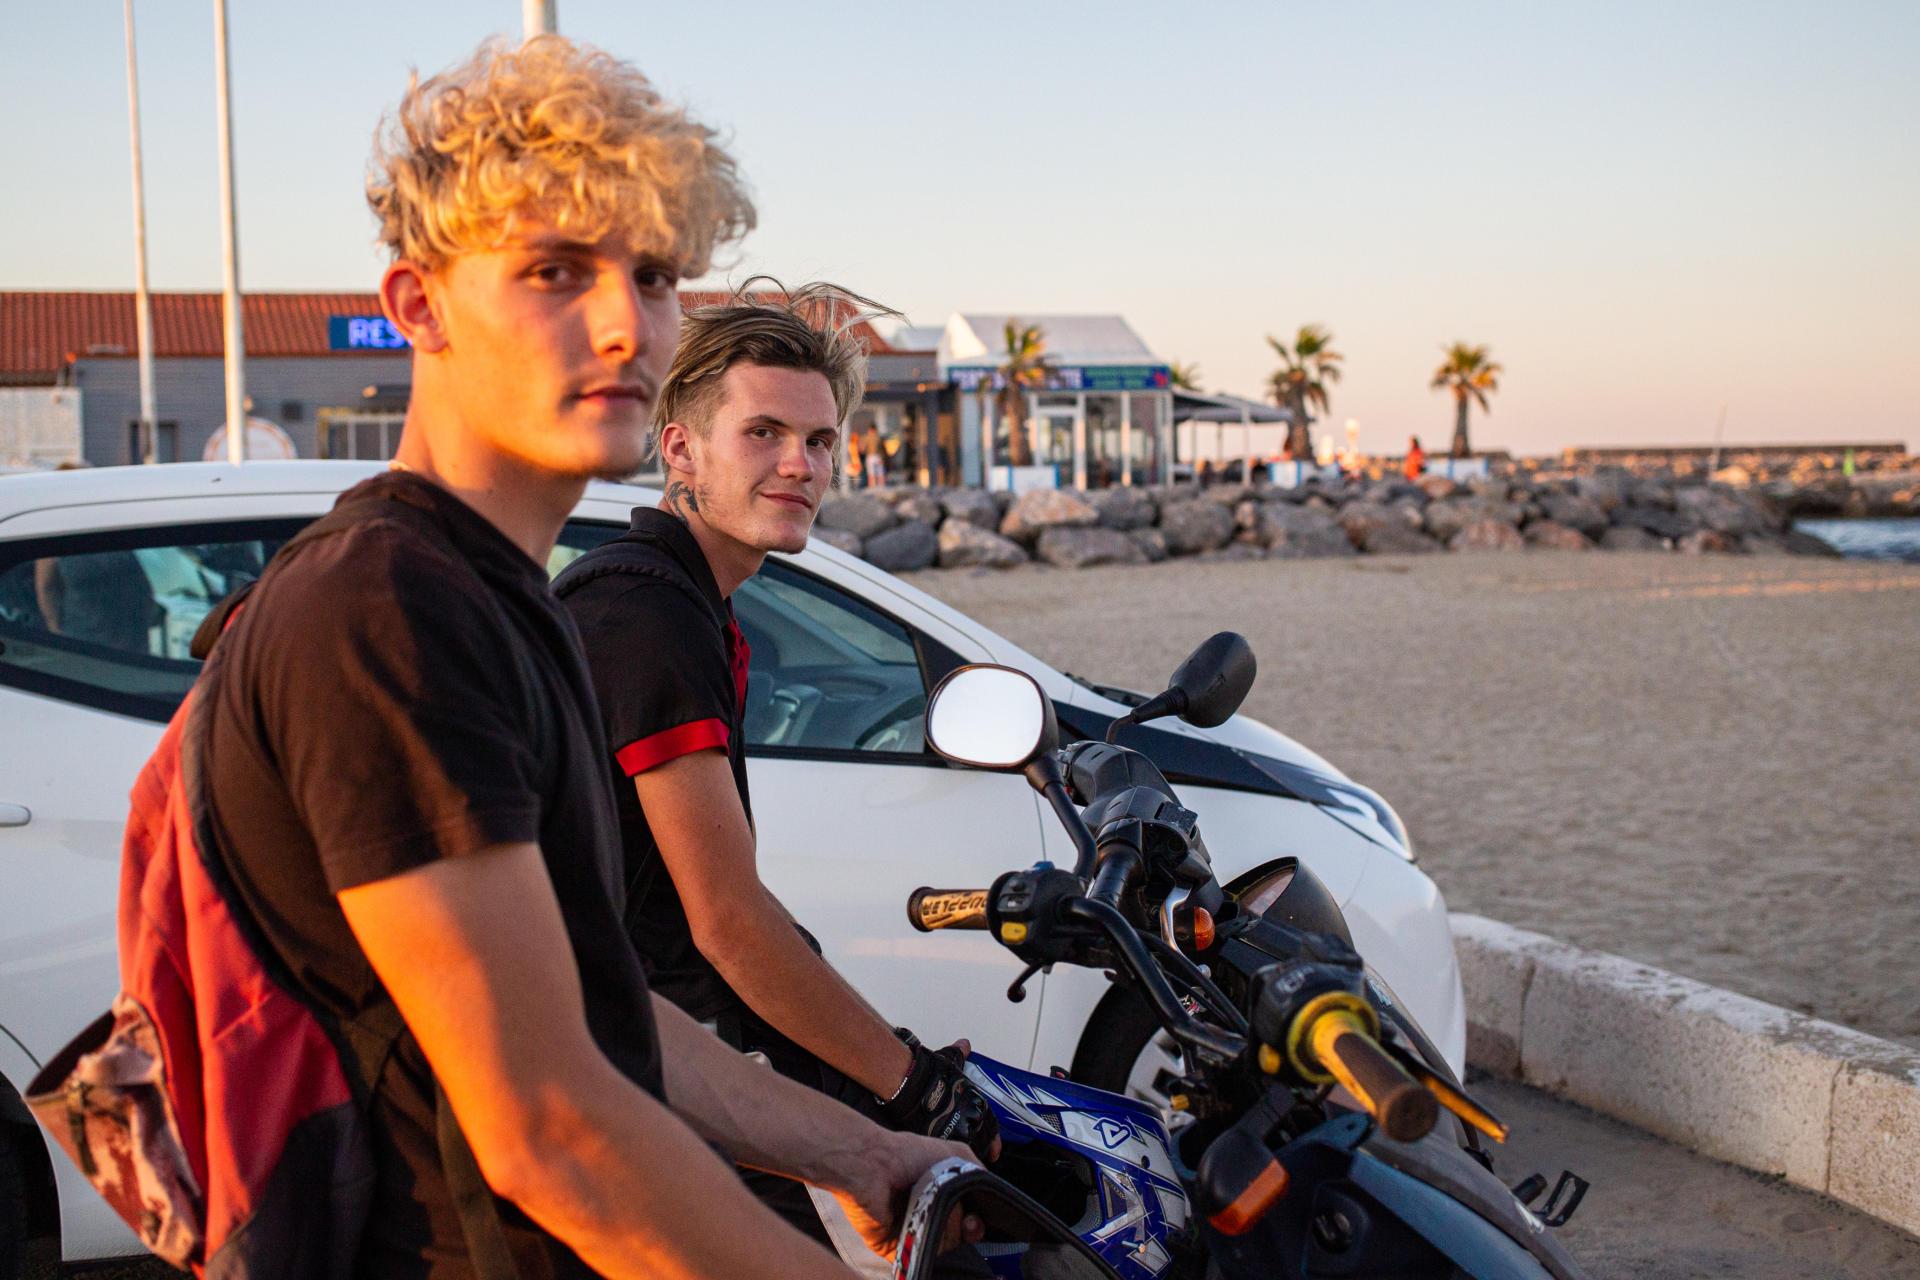 Romain et Viny, 18 et 19 ans, restent chaque été dans leur ville de Port-la-Nouvelle (Aude) pour des jobs saisionniers. Les jeunes voient d'un bon œil l'extension du port de commerce, espérant une potentielle hausse de l'activité économique. Ici, le 9 juillet 2021.